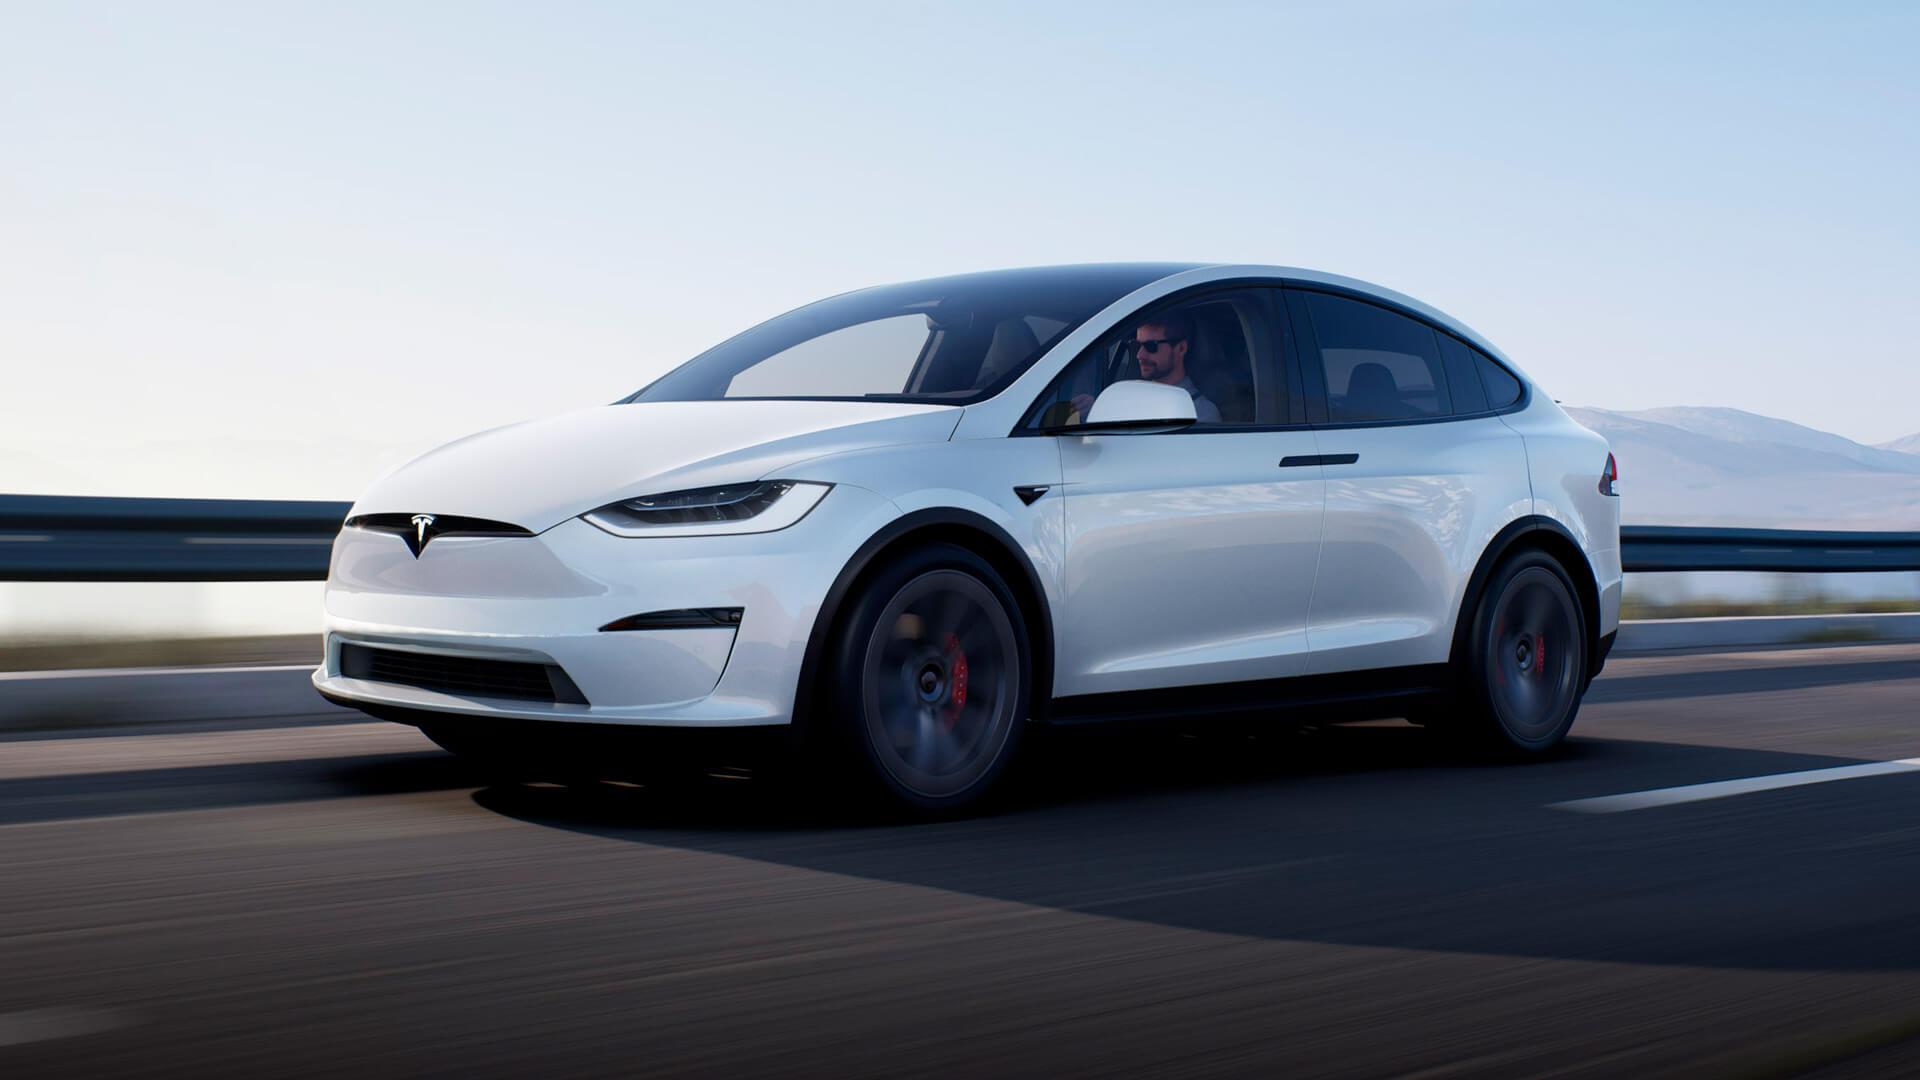 Официальная Tesla Model X Plaid: 3 мотора, 1020 л.с. и новый интерьер